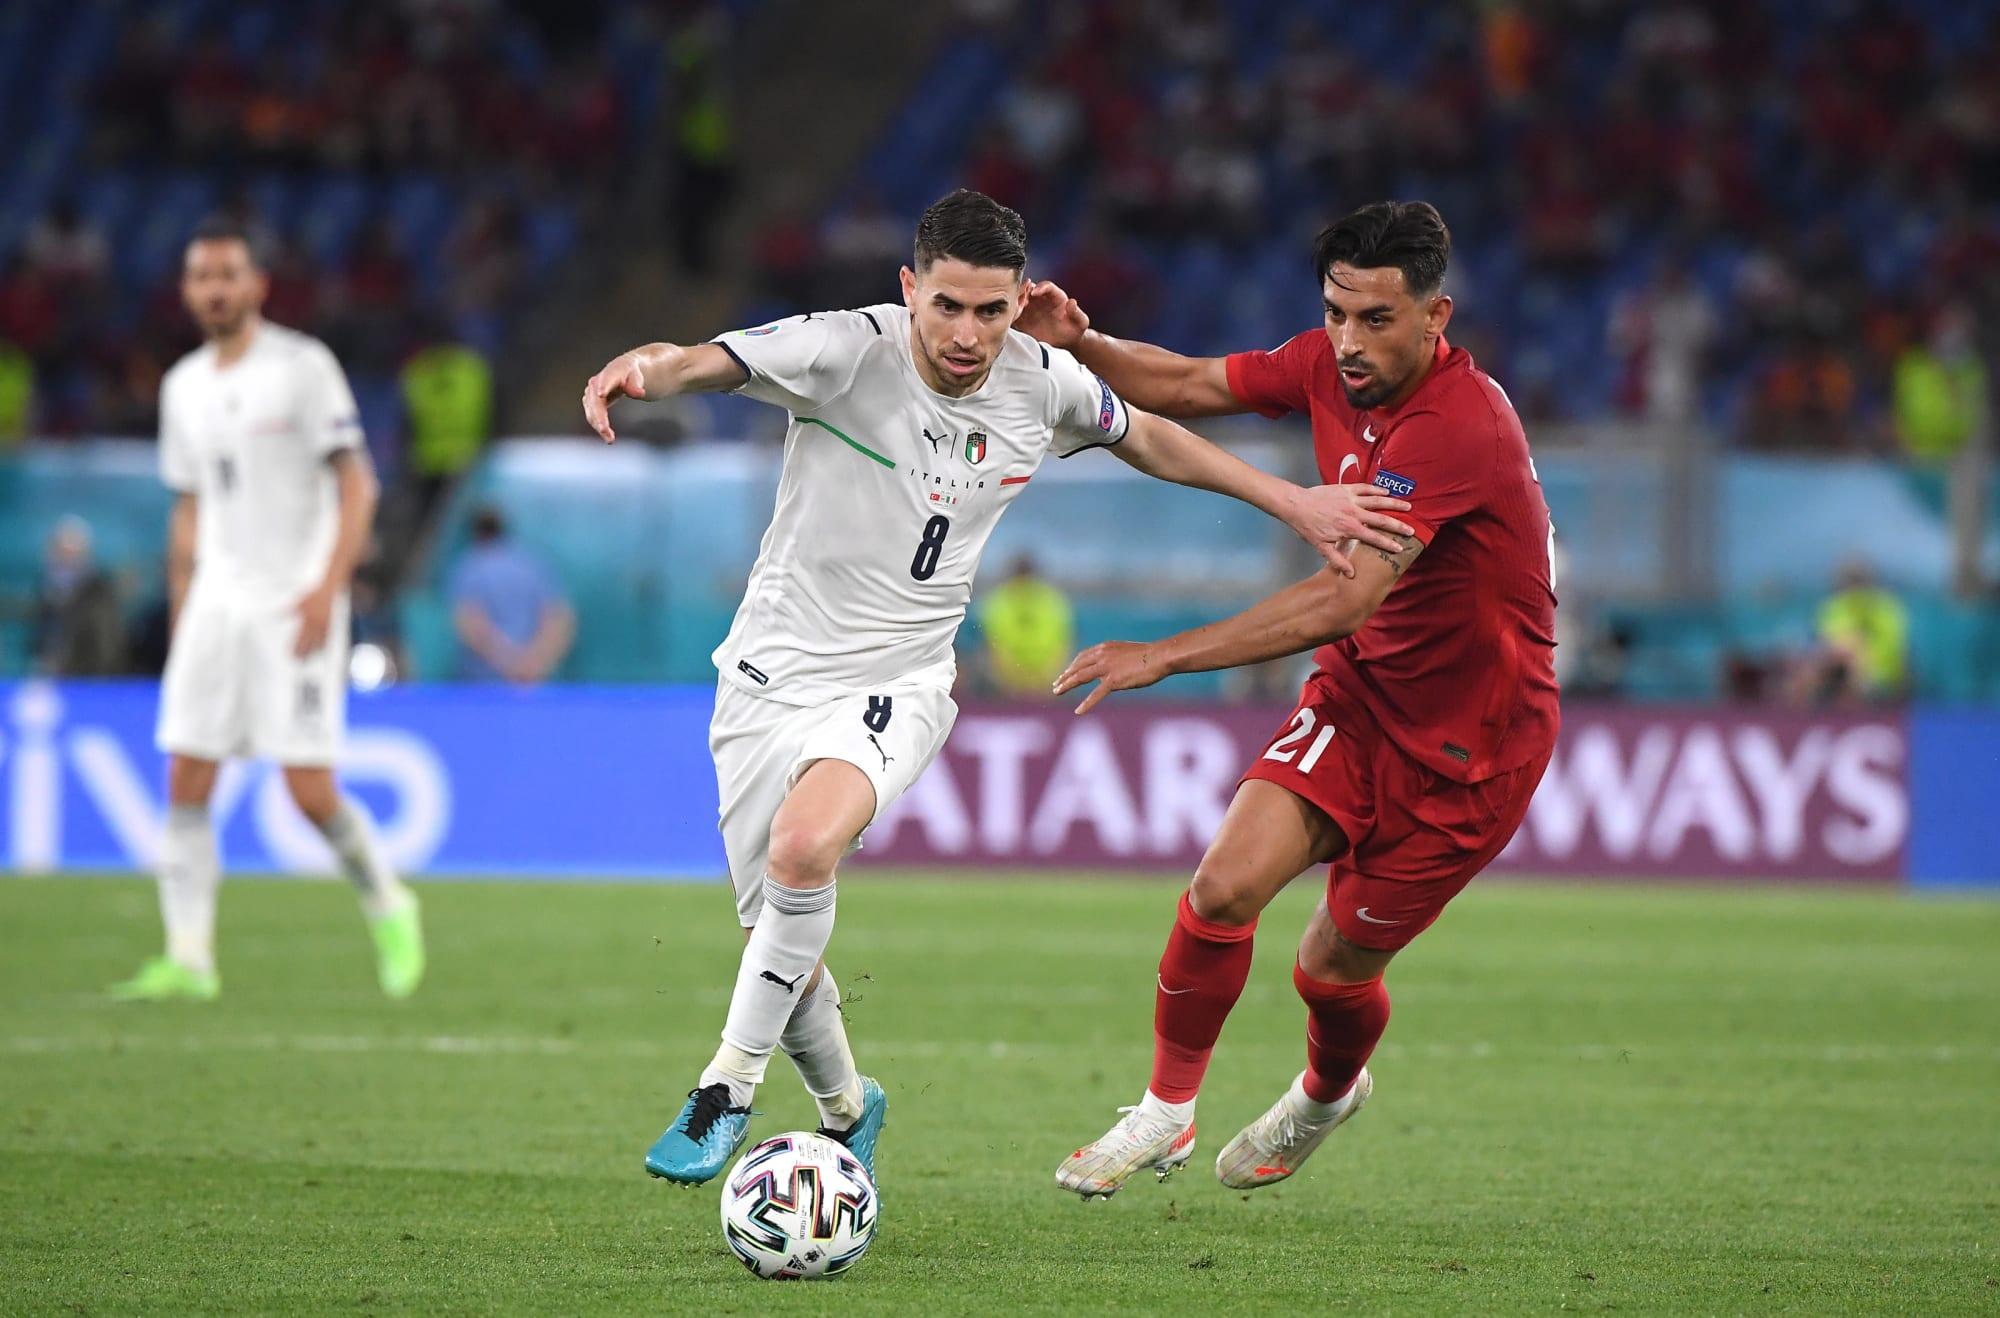 Chelsea's Jorginho picks up right where he left off against Turkey